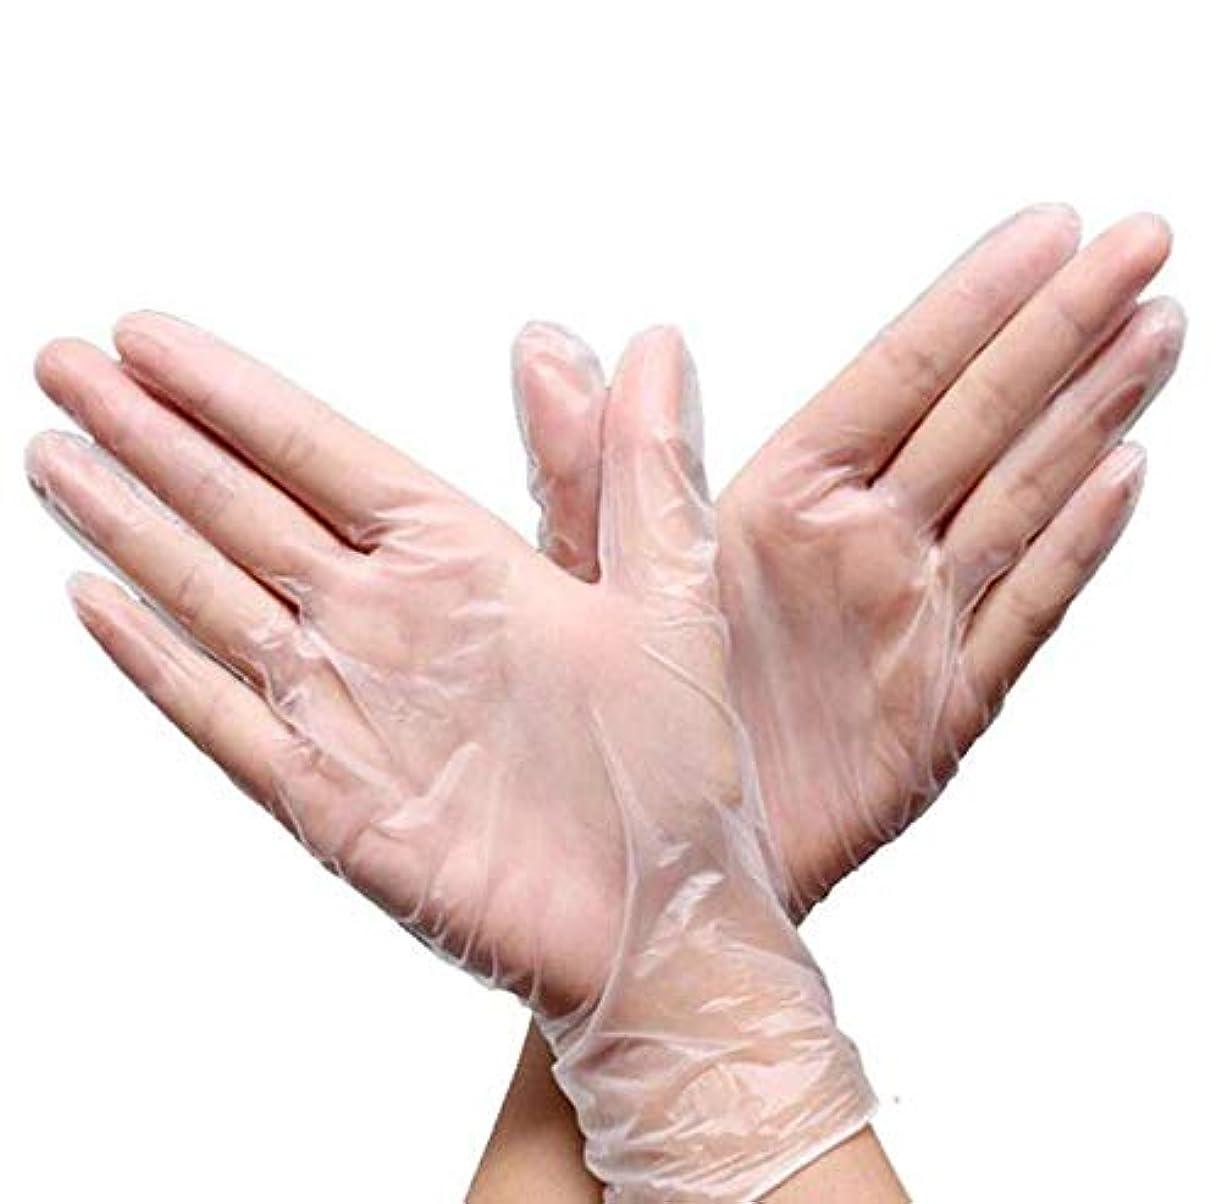 流石油憂鬱STK ニトリルゴム手袋 使い捨て手袋 透明 耐油 防水 左右兼用 粉なし 手荒れを防ぎ 素手 薄い 介護 トイレ掃除 園芸 美容 食器洗い (50ペアセット)